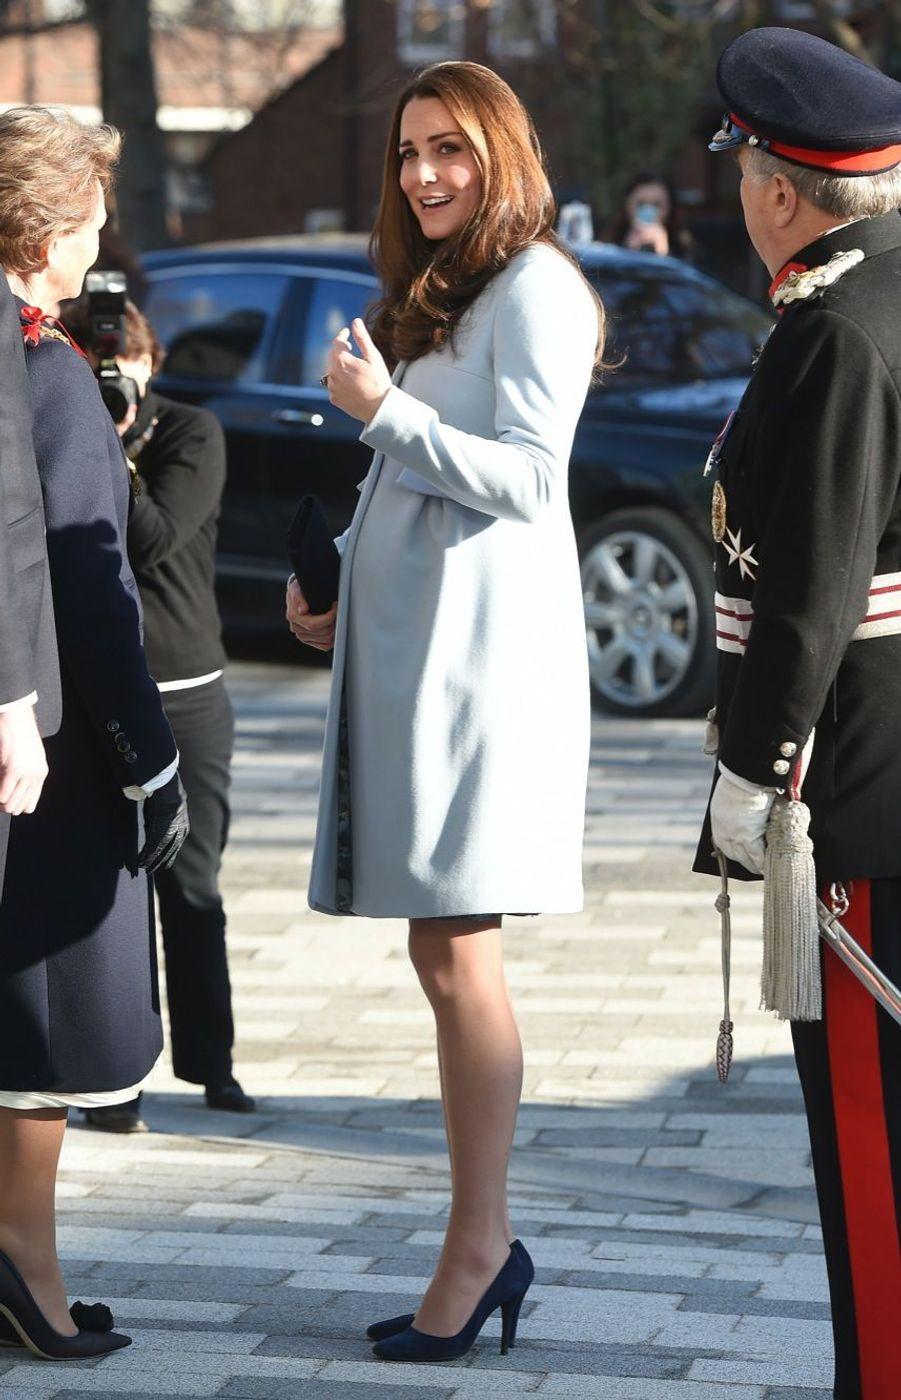 26 La Duchesse De Cambridge, Née Kate Middleton, En Visite À Kensington